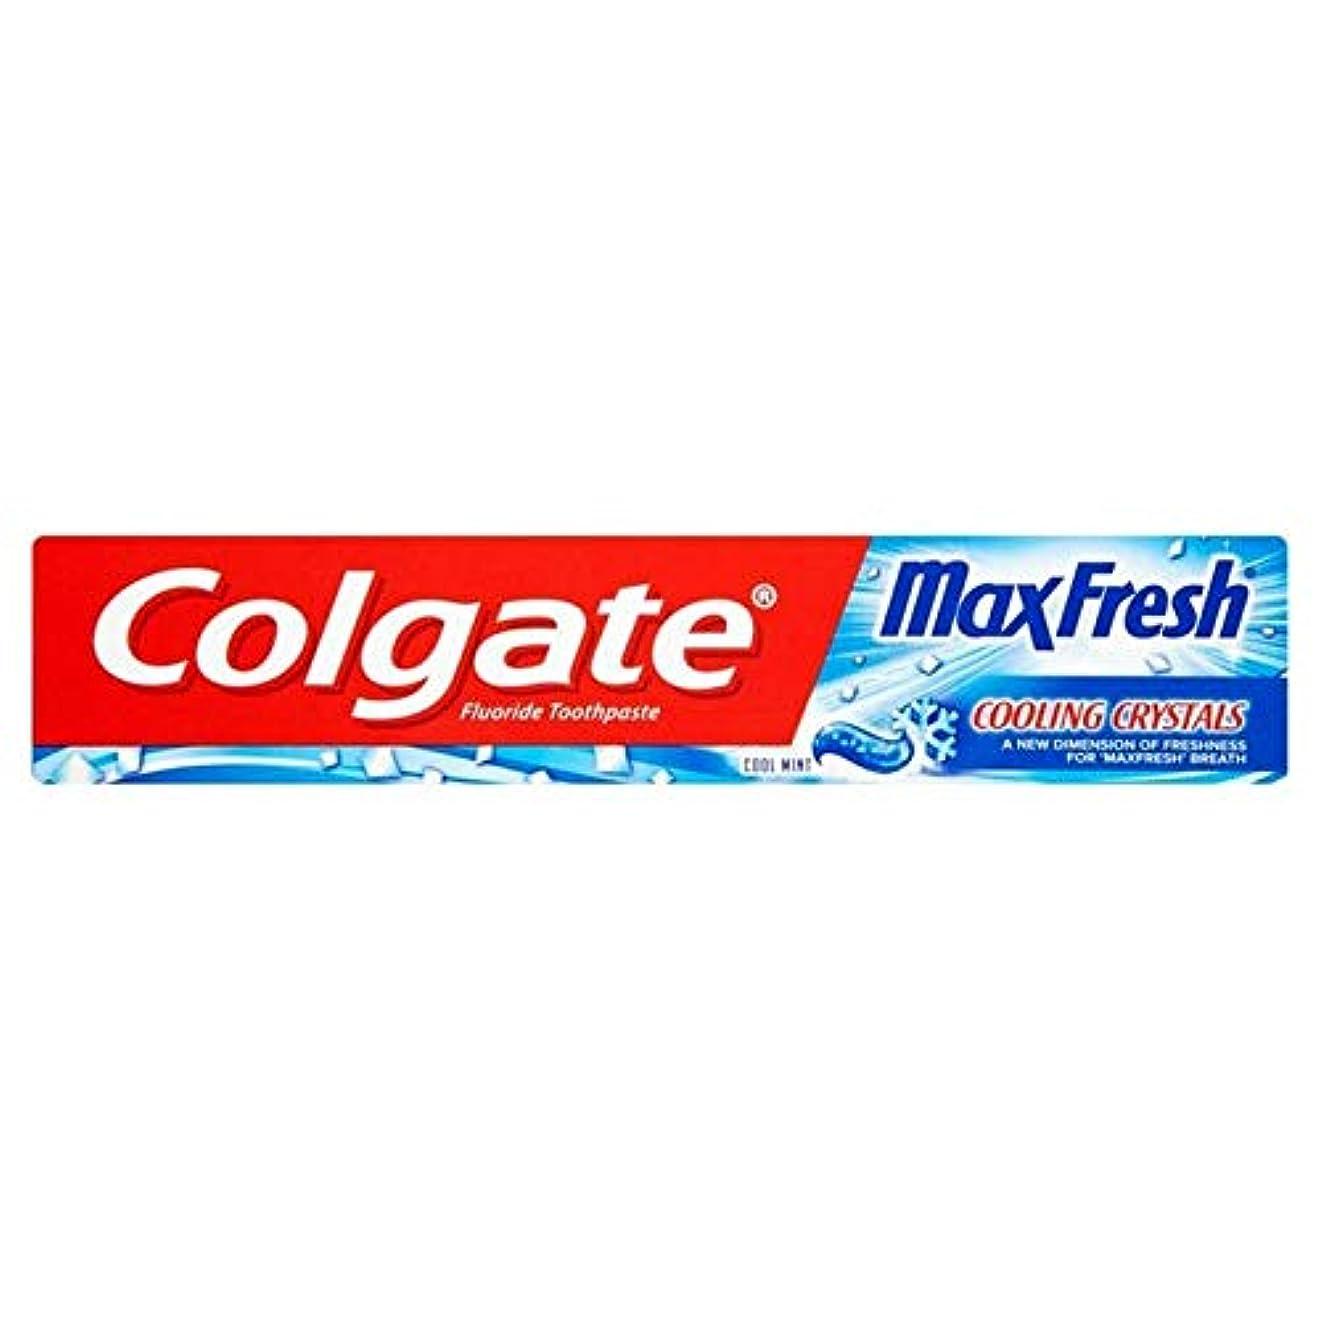 ピンポイント審判アミューズ[Colgate ] 冷却結晶歯磨き粉75ミリリットル新鮮なコルゲートマックス - Colgate Max Fresh with Cooling Crystals Toothpaste 75ml [並行輸入品]